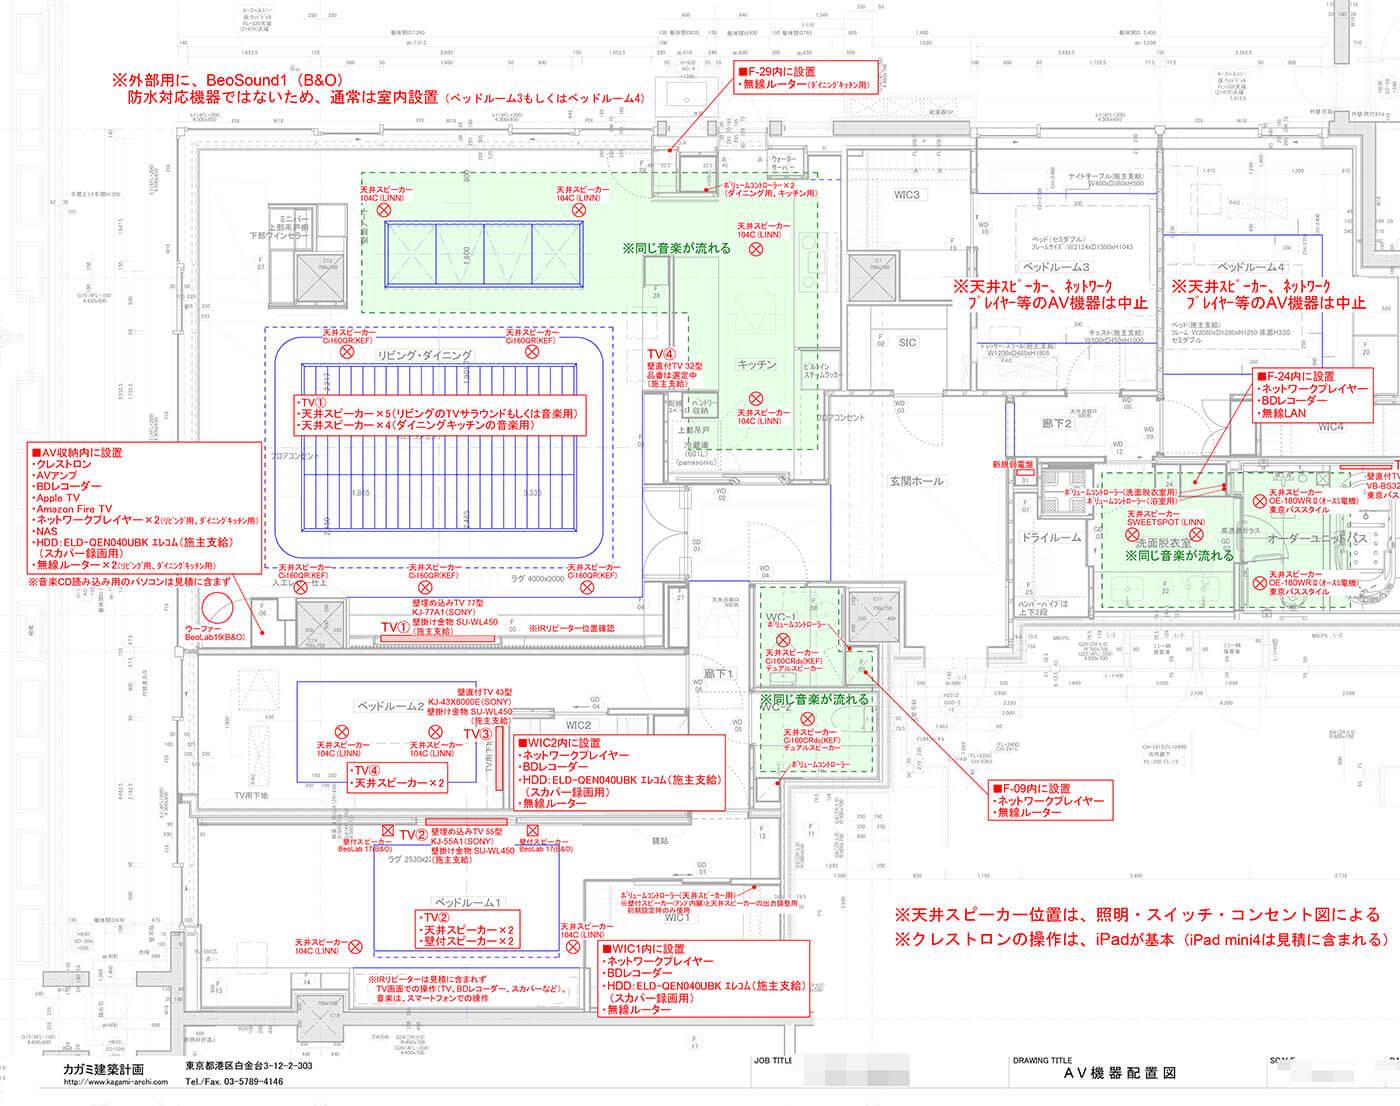 ホームオートメーションシステムのイメージ図